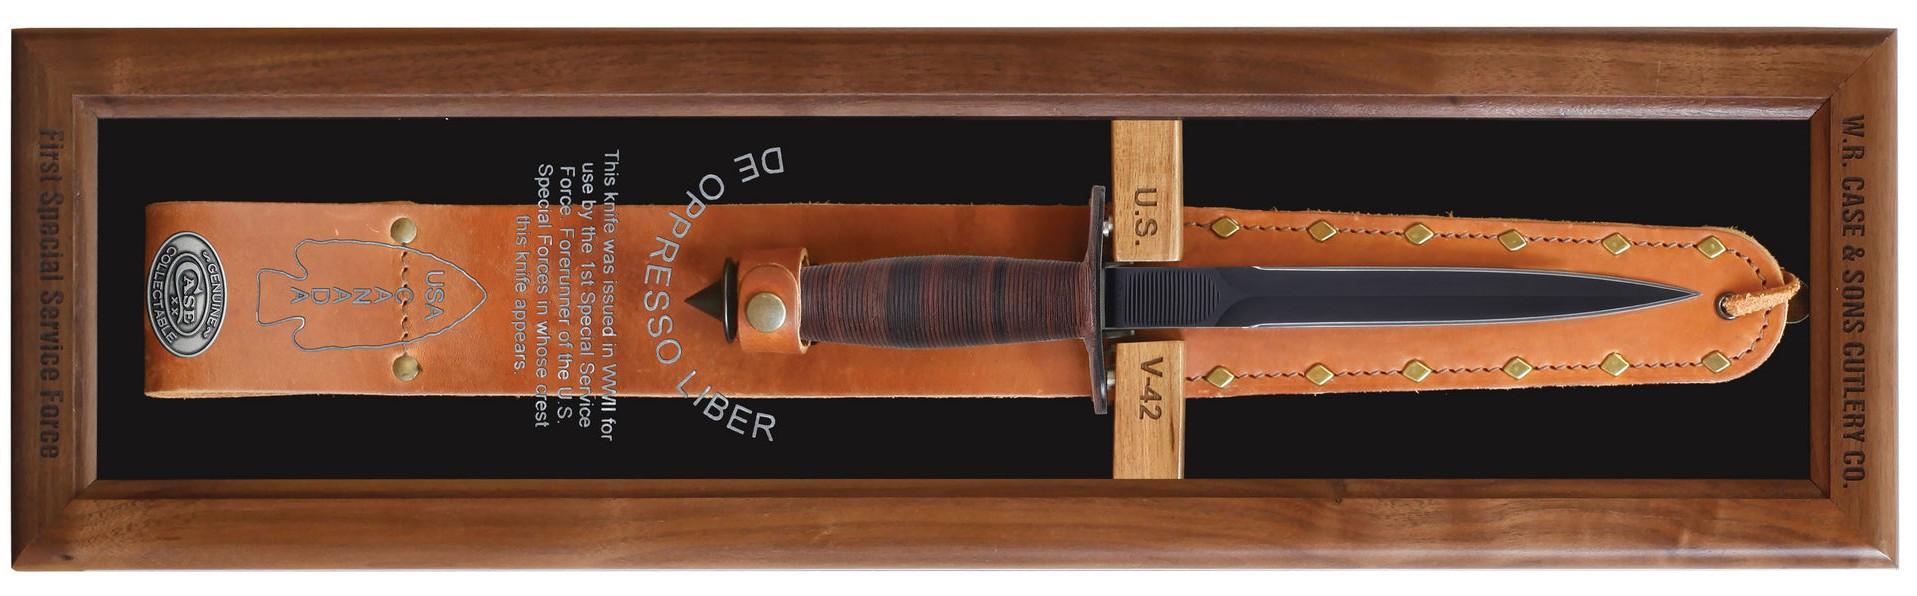 CASE XX KNIFE 21943 V-42 DISPLAY BOX